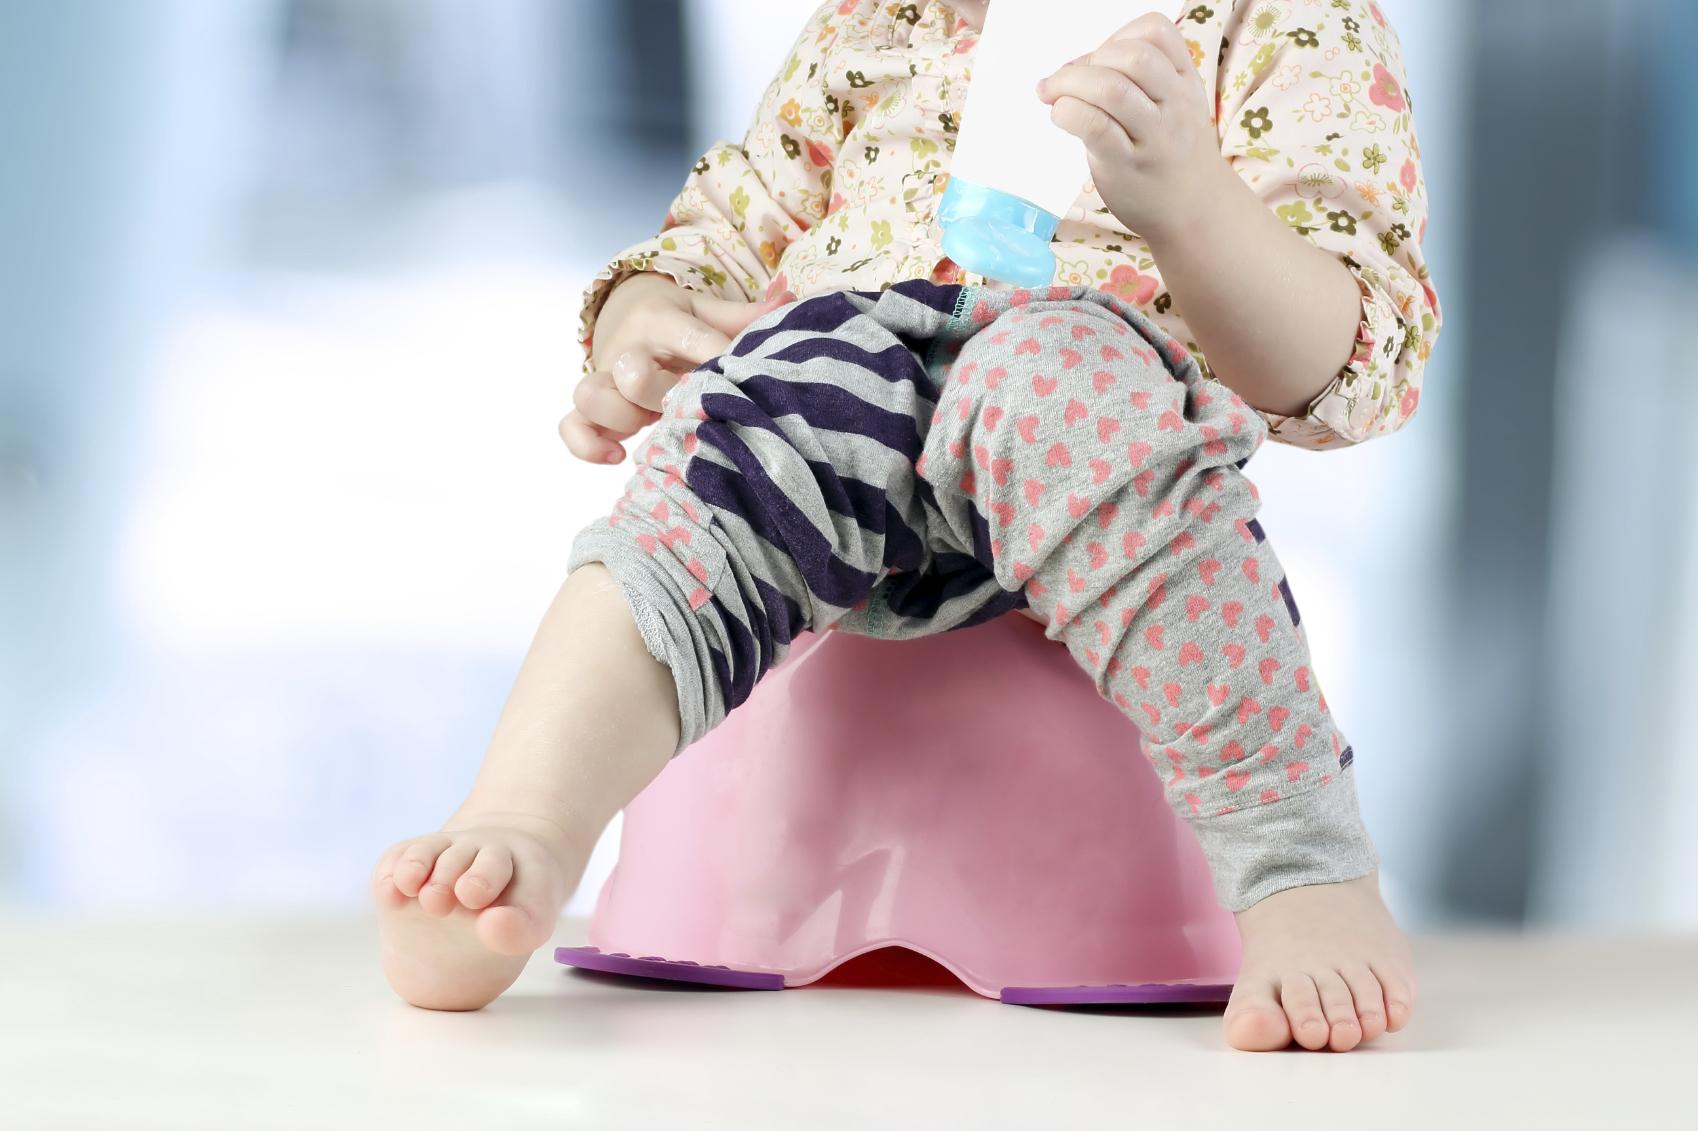 На горшке и под столом: Как размещение фото своего ребенка может привести родителей в зал суда